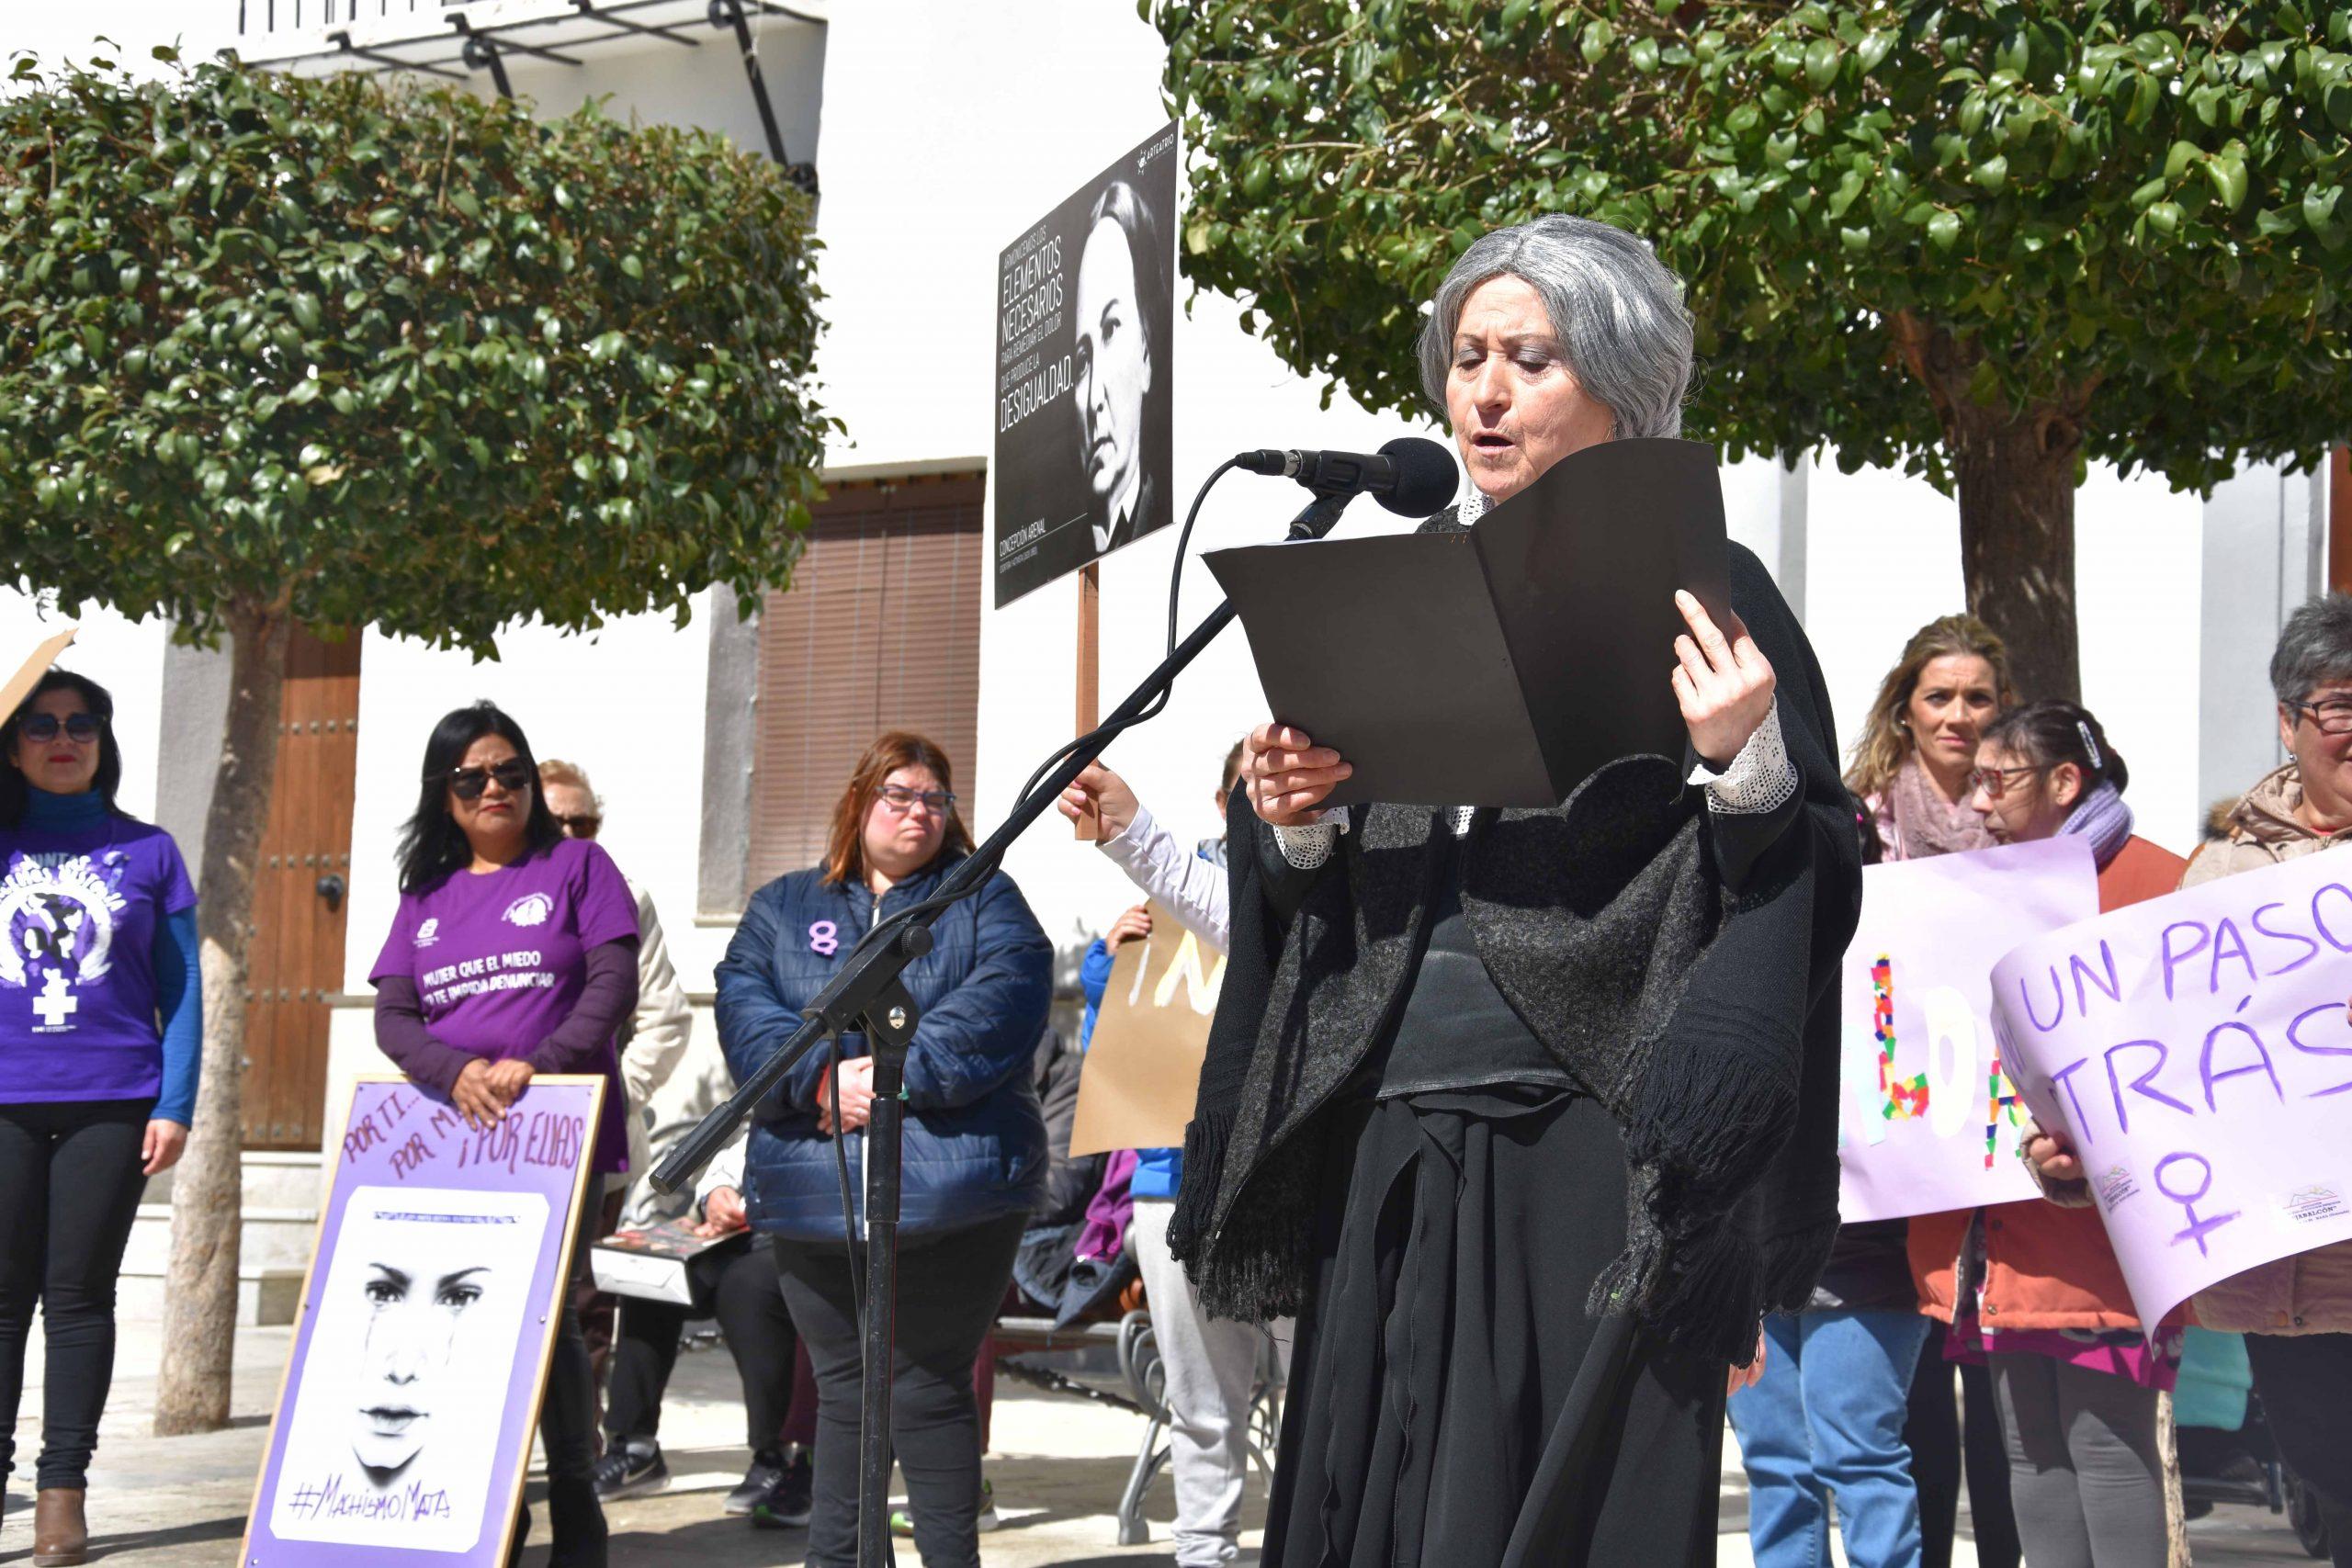 El grupo Arteatrio cerró el acto institucional en defensa de la igualdad en Baza